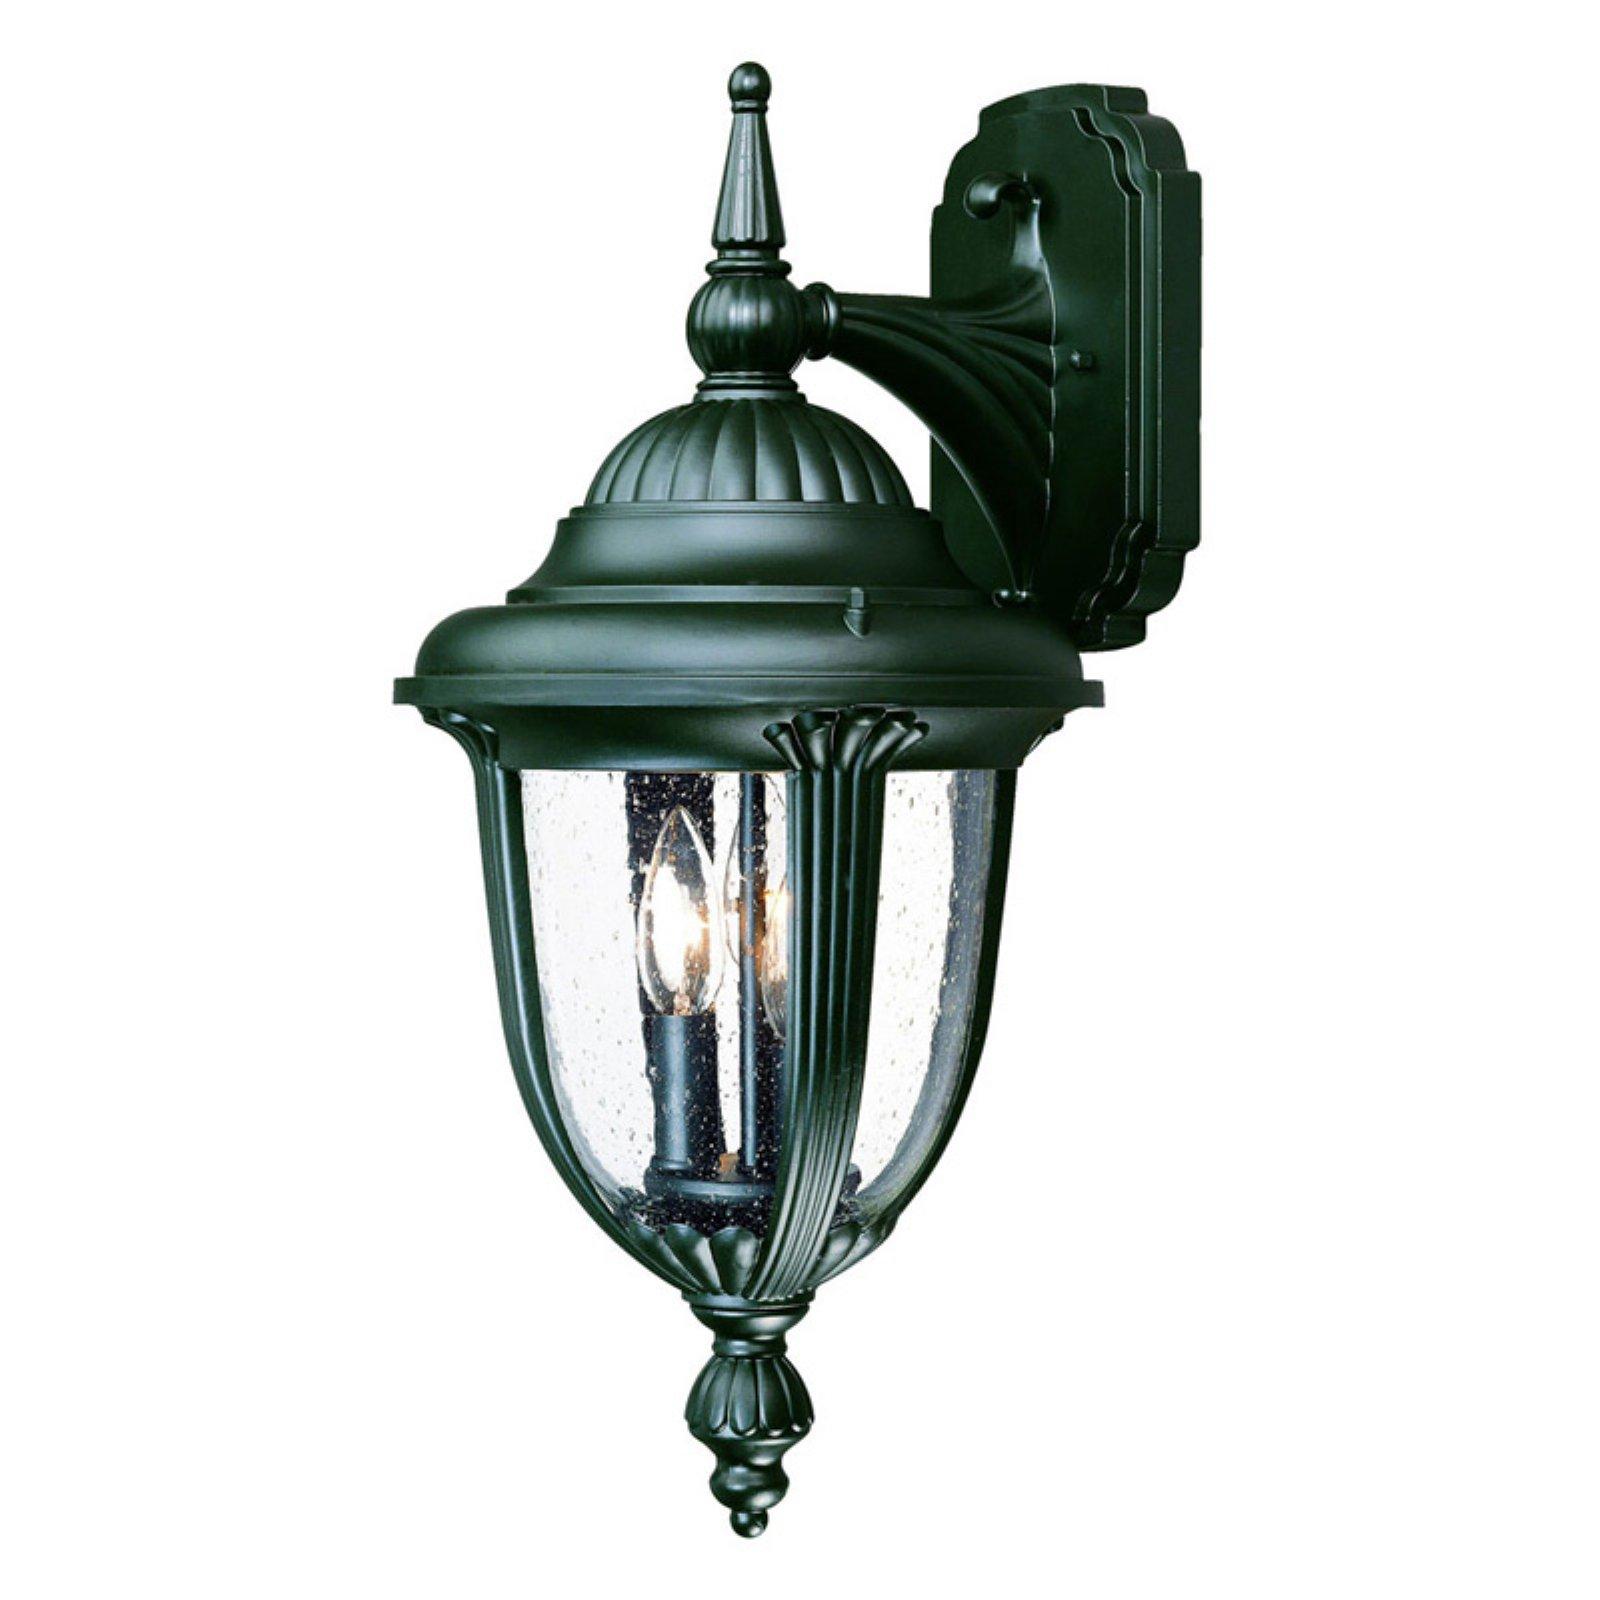 Acclaim Lighting Monterey 10 in. Outdoor Wall Mount Light Fixture